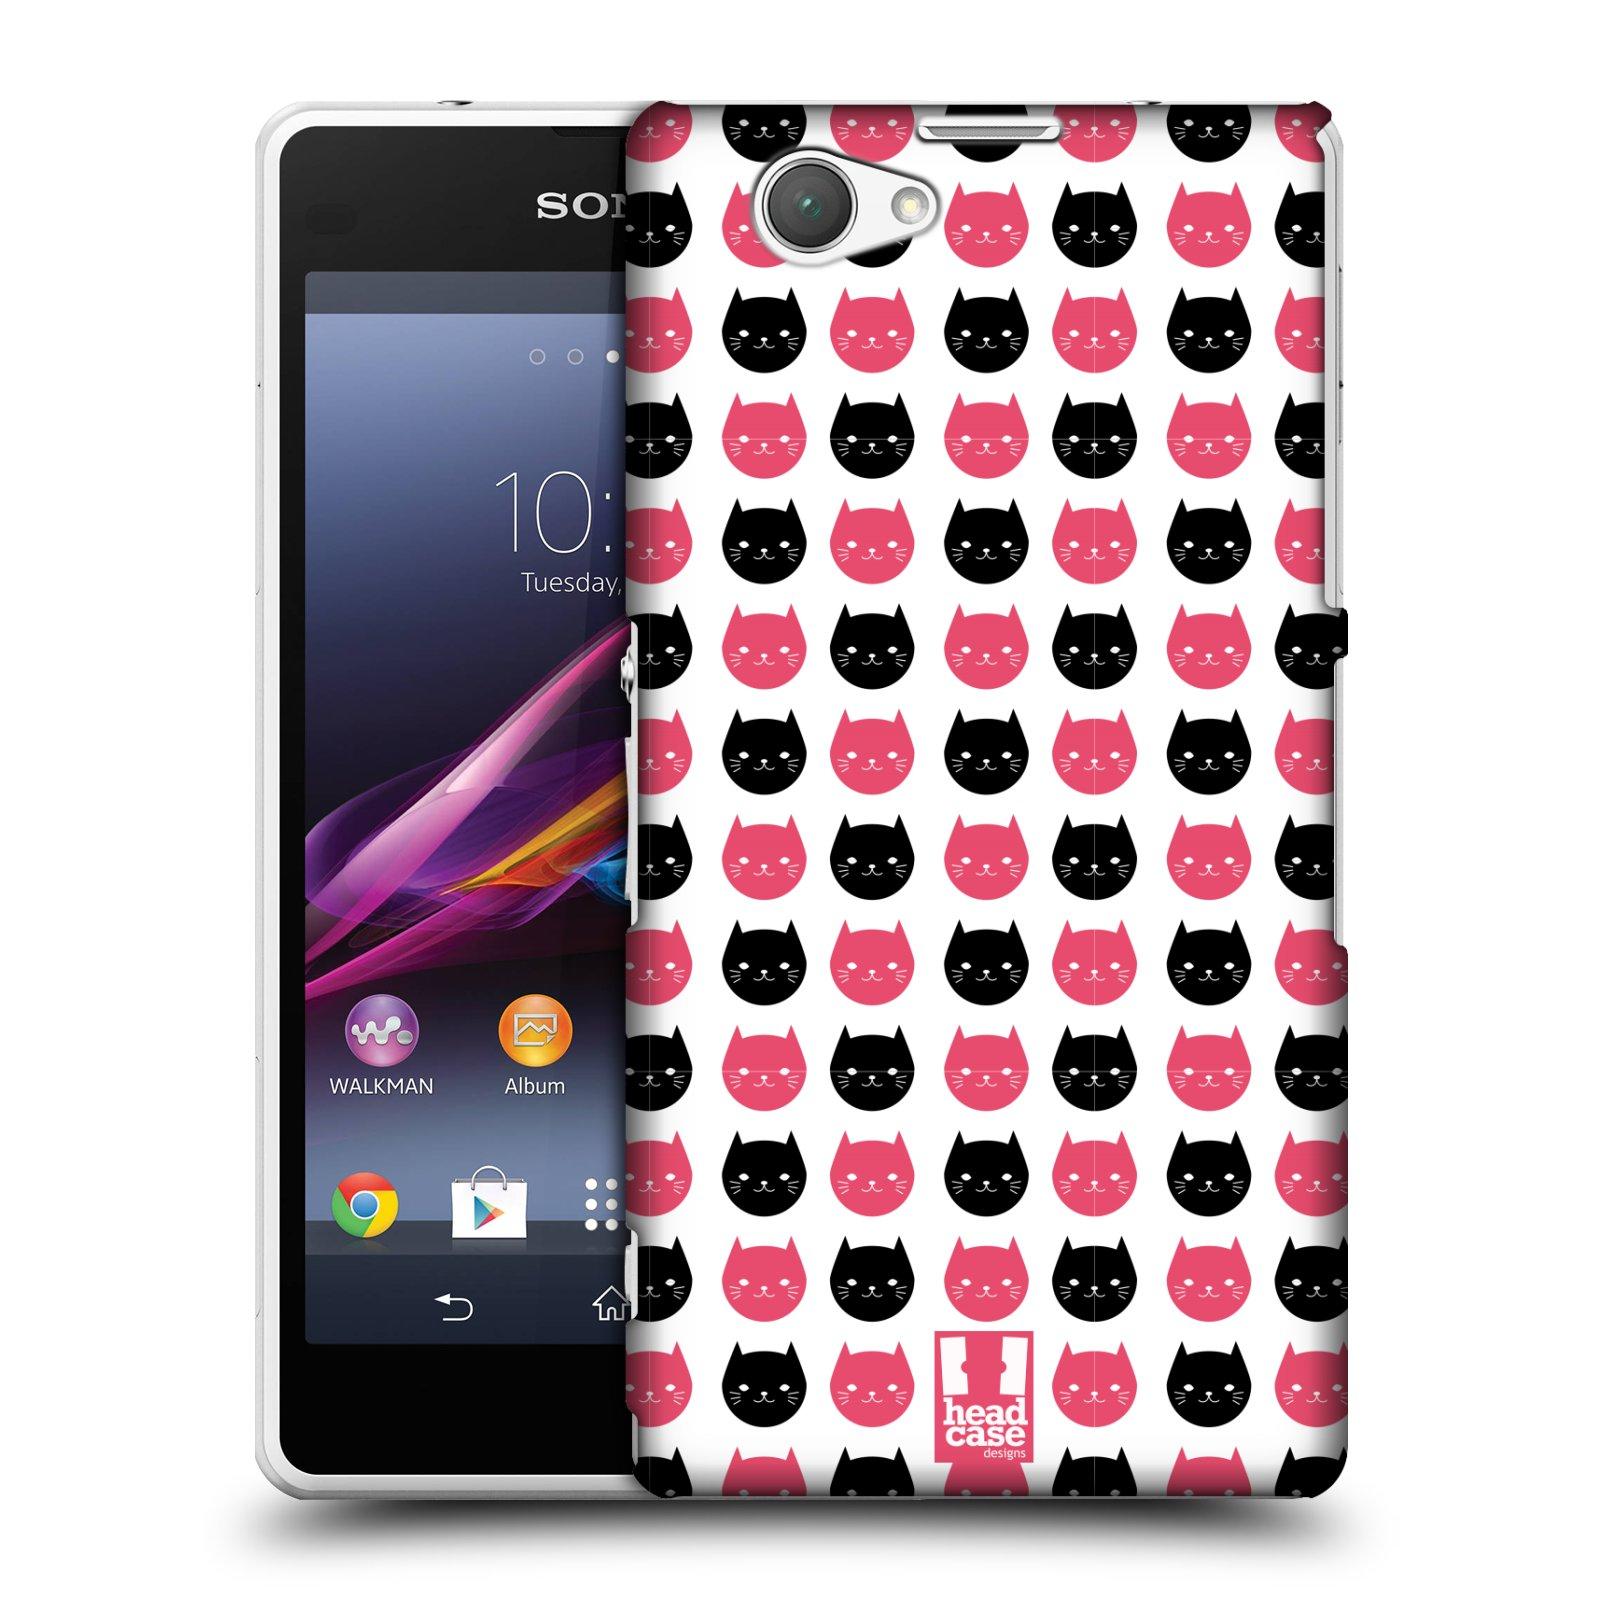 Plastové pouzdro na mobil Sony Xperia Z1 Compact D5503 HEAD CASE KOČKY Black and Pink (Kryt či obal na mobilní telefon Sony Xperia Z1 Compact )